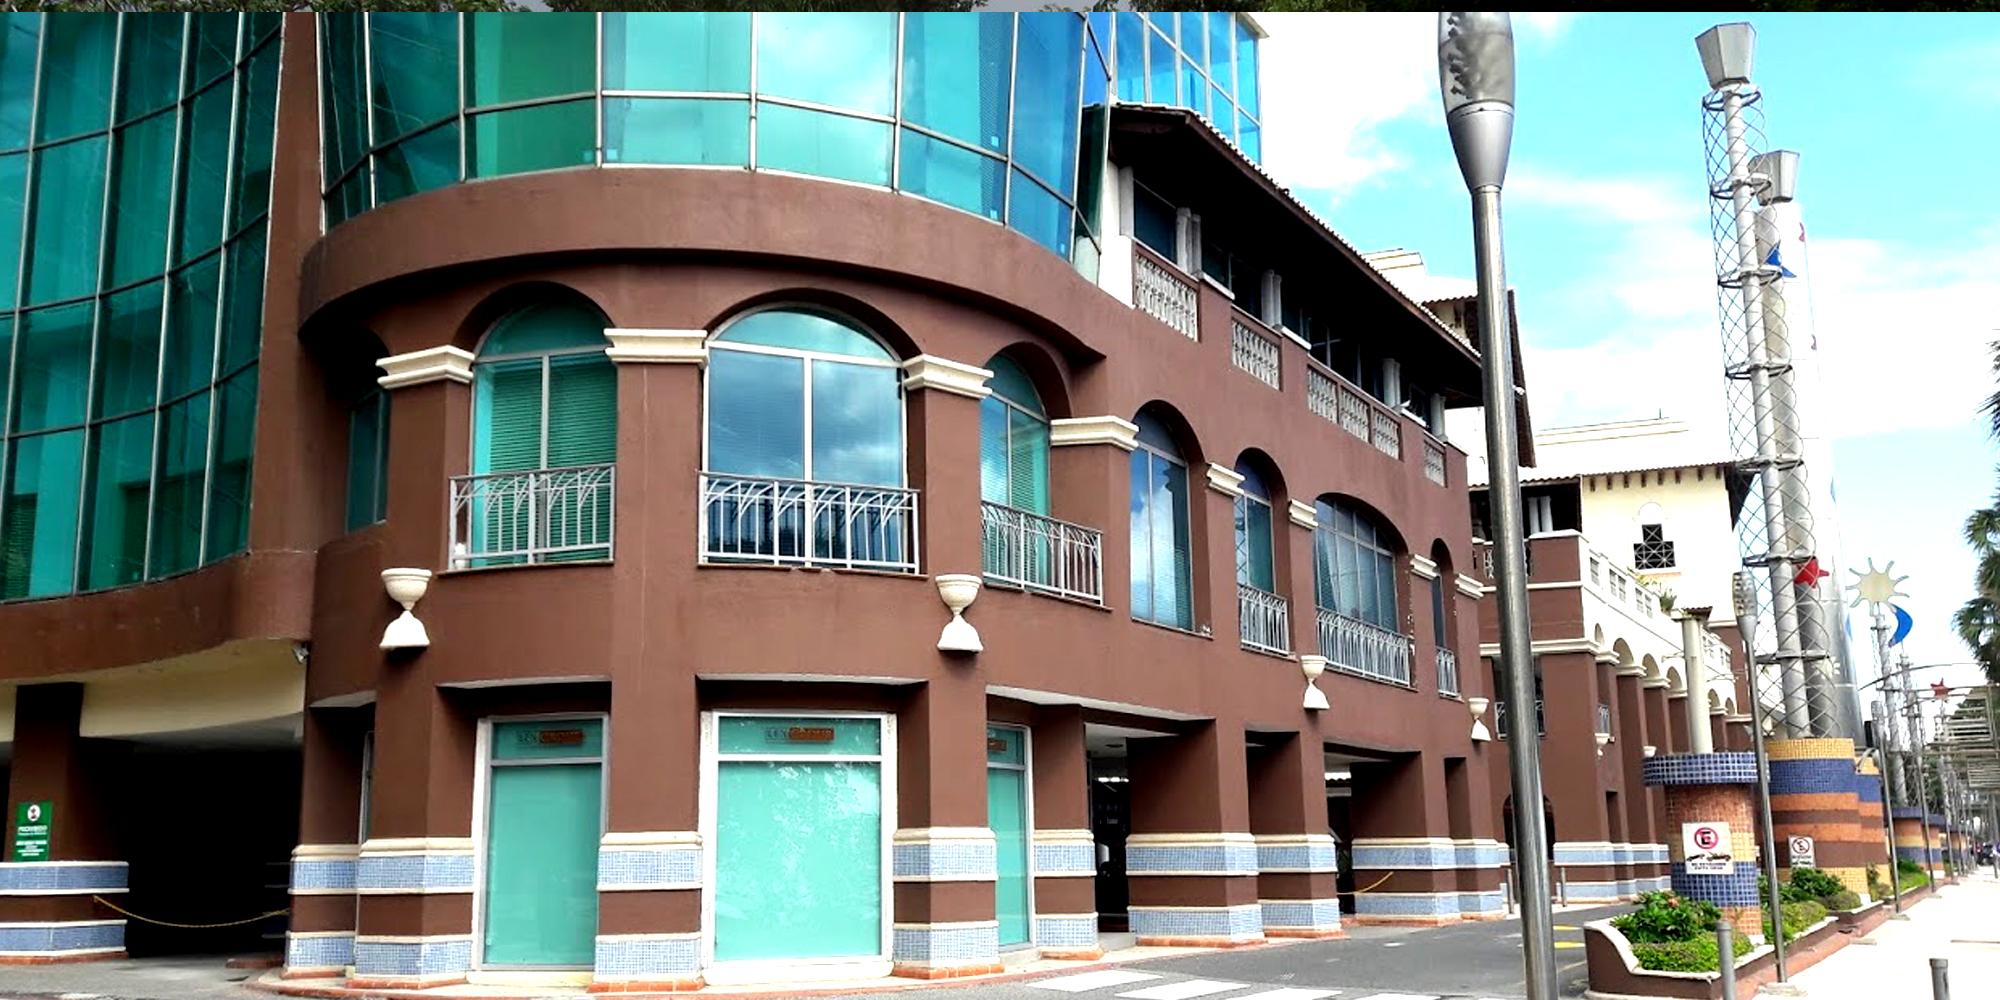 Local – Malecon Center